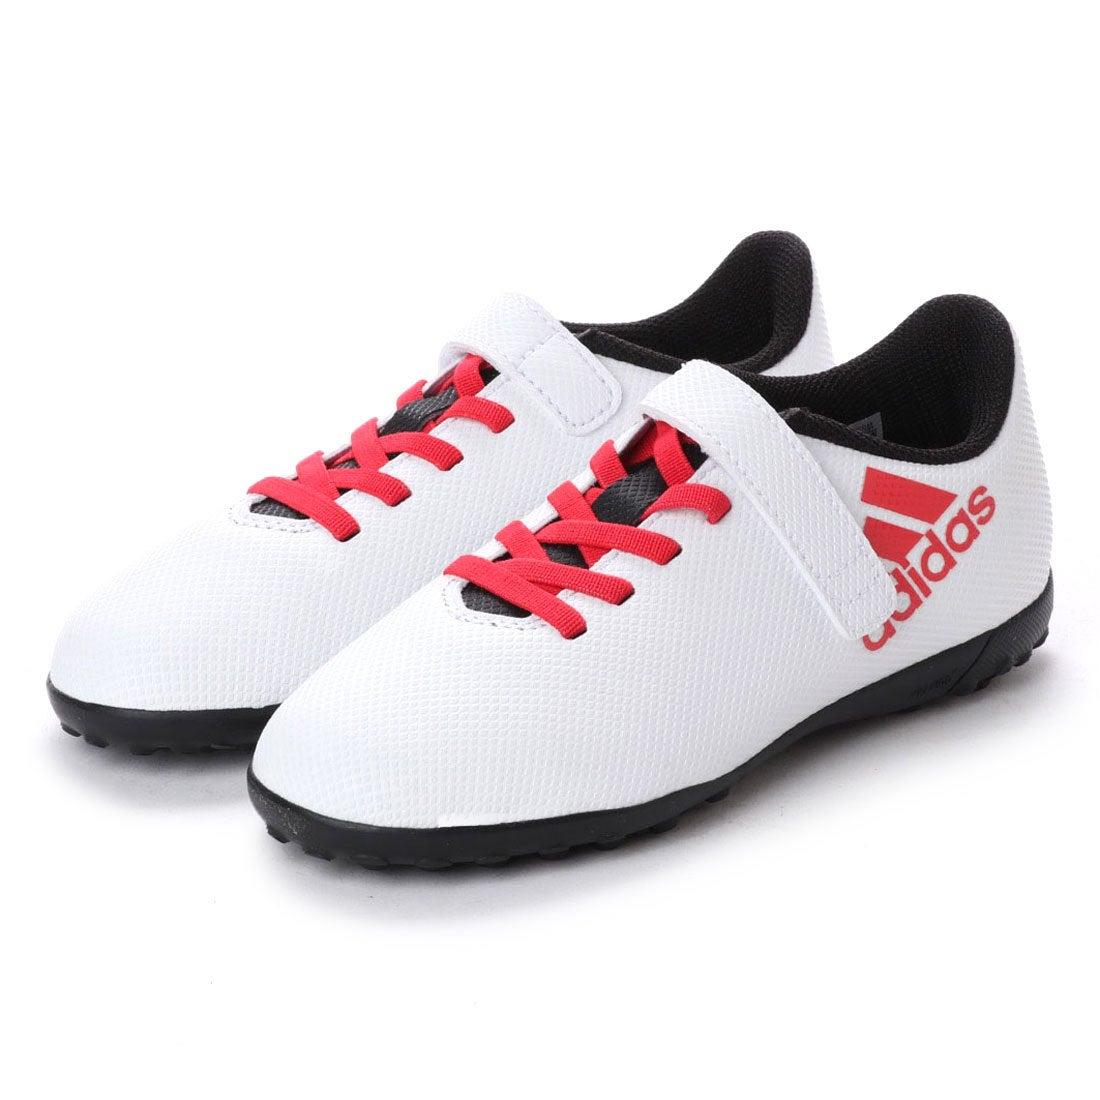 【SALE 30%OFF】アディダス adidas ジュニア サッカー トレーニングシューズ エックス タンゴ 17.4 TF J ベルクロ CP9264